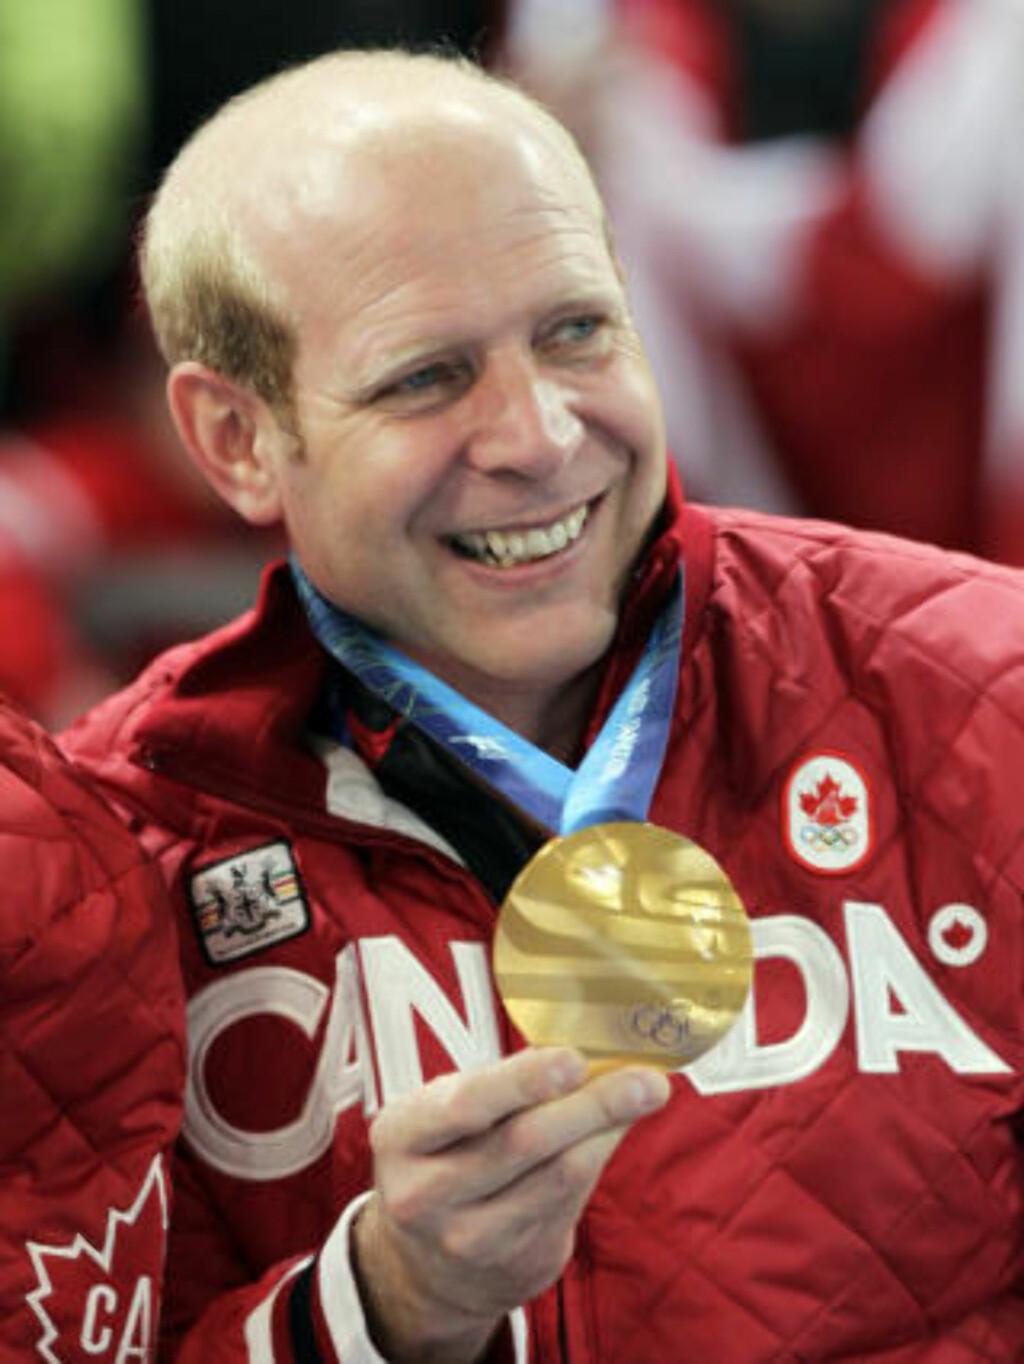 FIKK REVANSJ: Kevin Martin bommet på den siste steinen da Pål Trulsen og Norge snøt ham for gullet i 2002. Denne gangen var det ingen tvil om hvor seieren skulle havne. Foto: AP Photo/Robert Bukaty